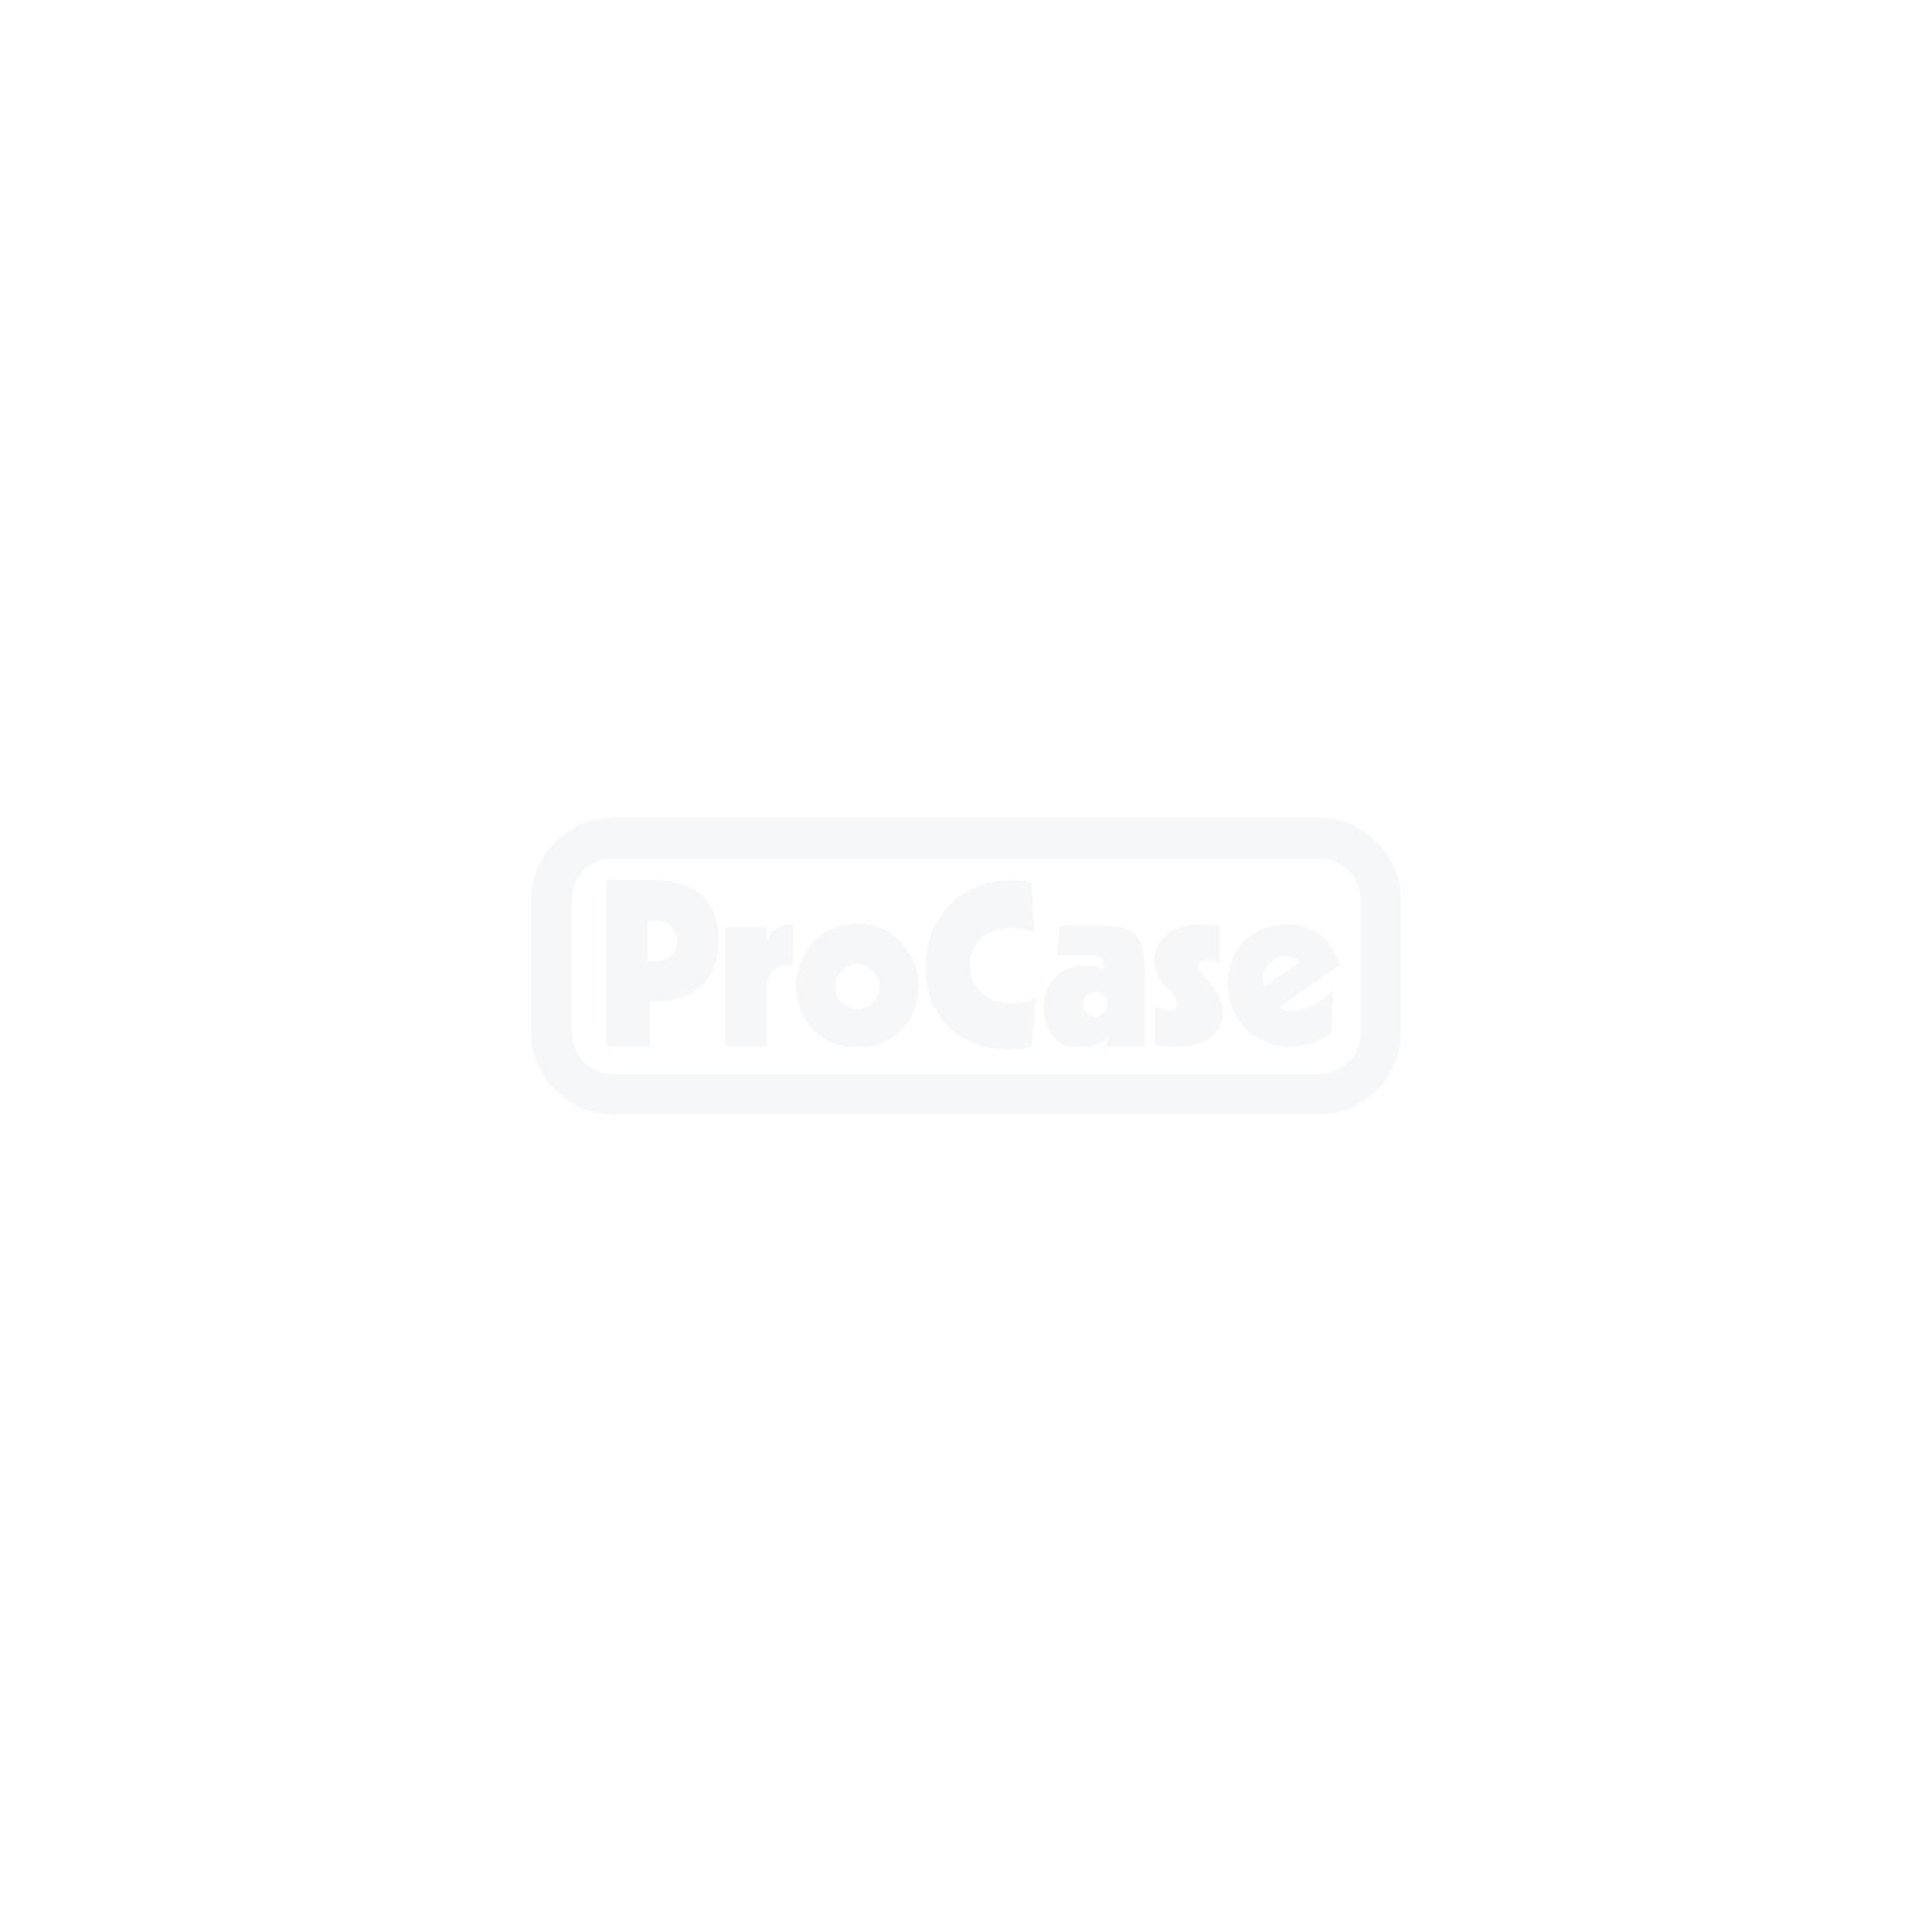 Flightcase für 4 BenQ GW2260HM Displays ohne Standfuß